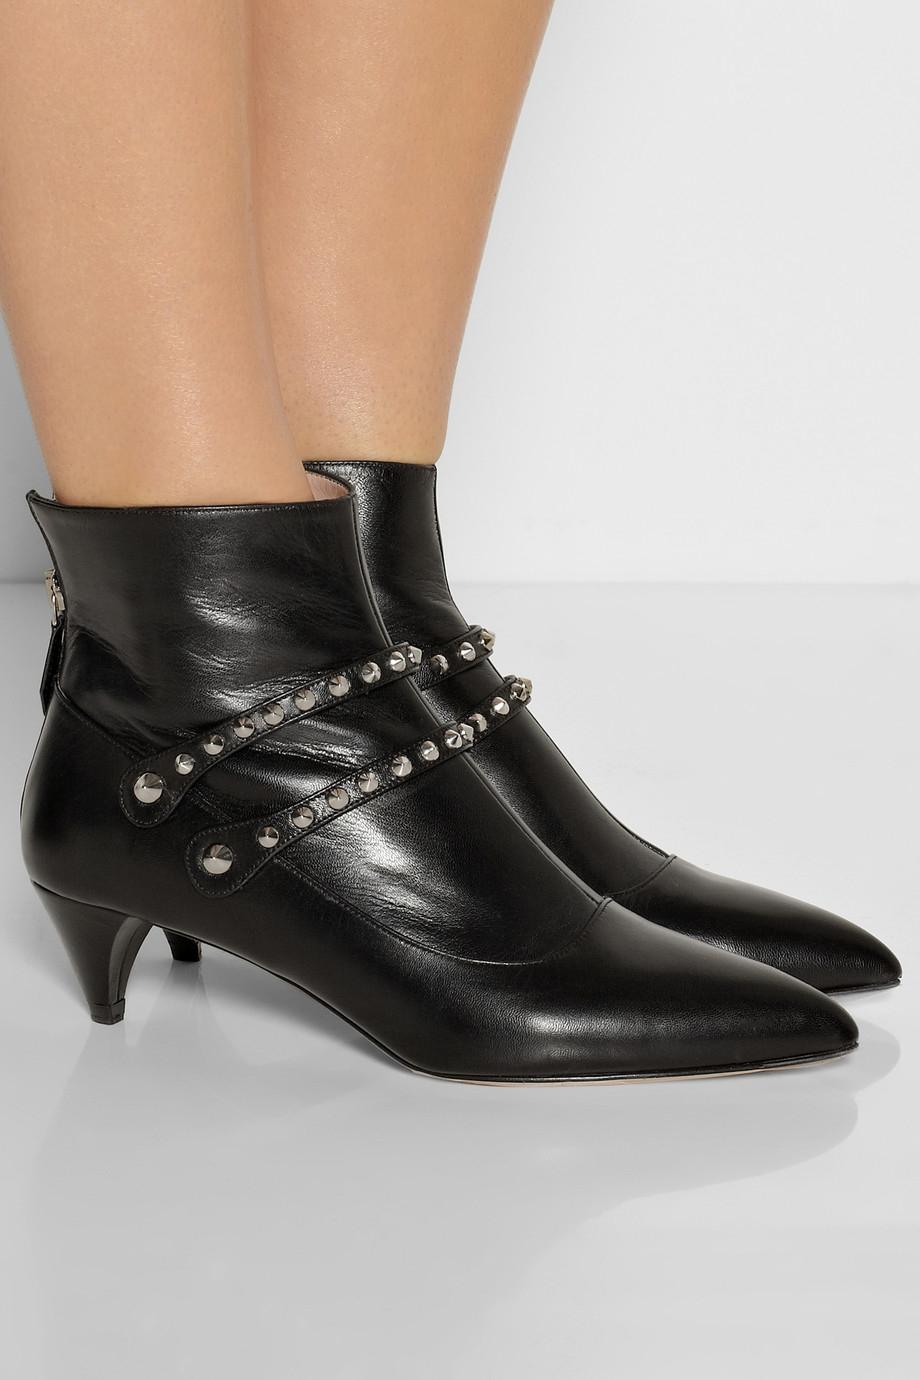 studded boots - Black Miu Miu u8nziidJ